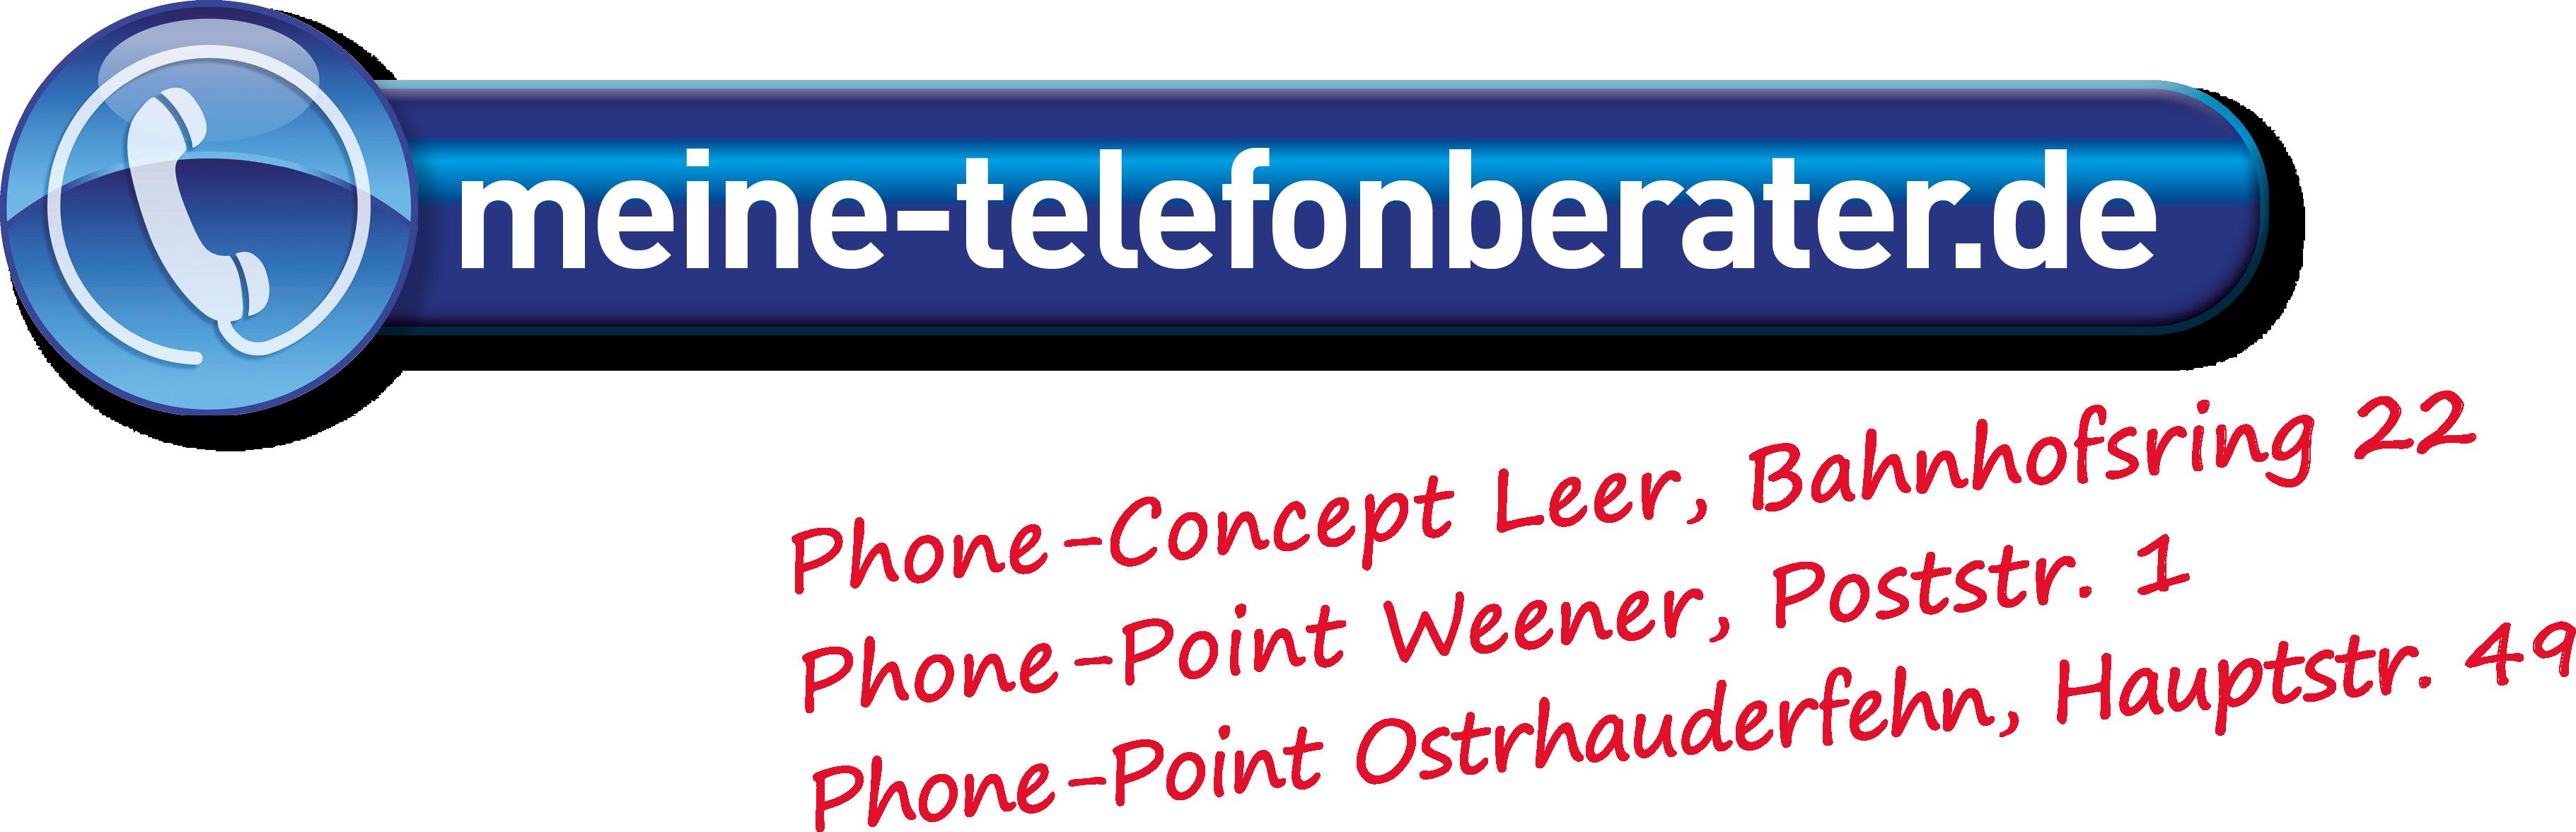 Unternehmertreffen Nordwest Logo meine Telefonberater